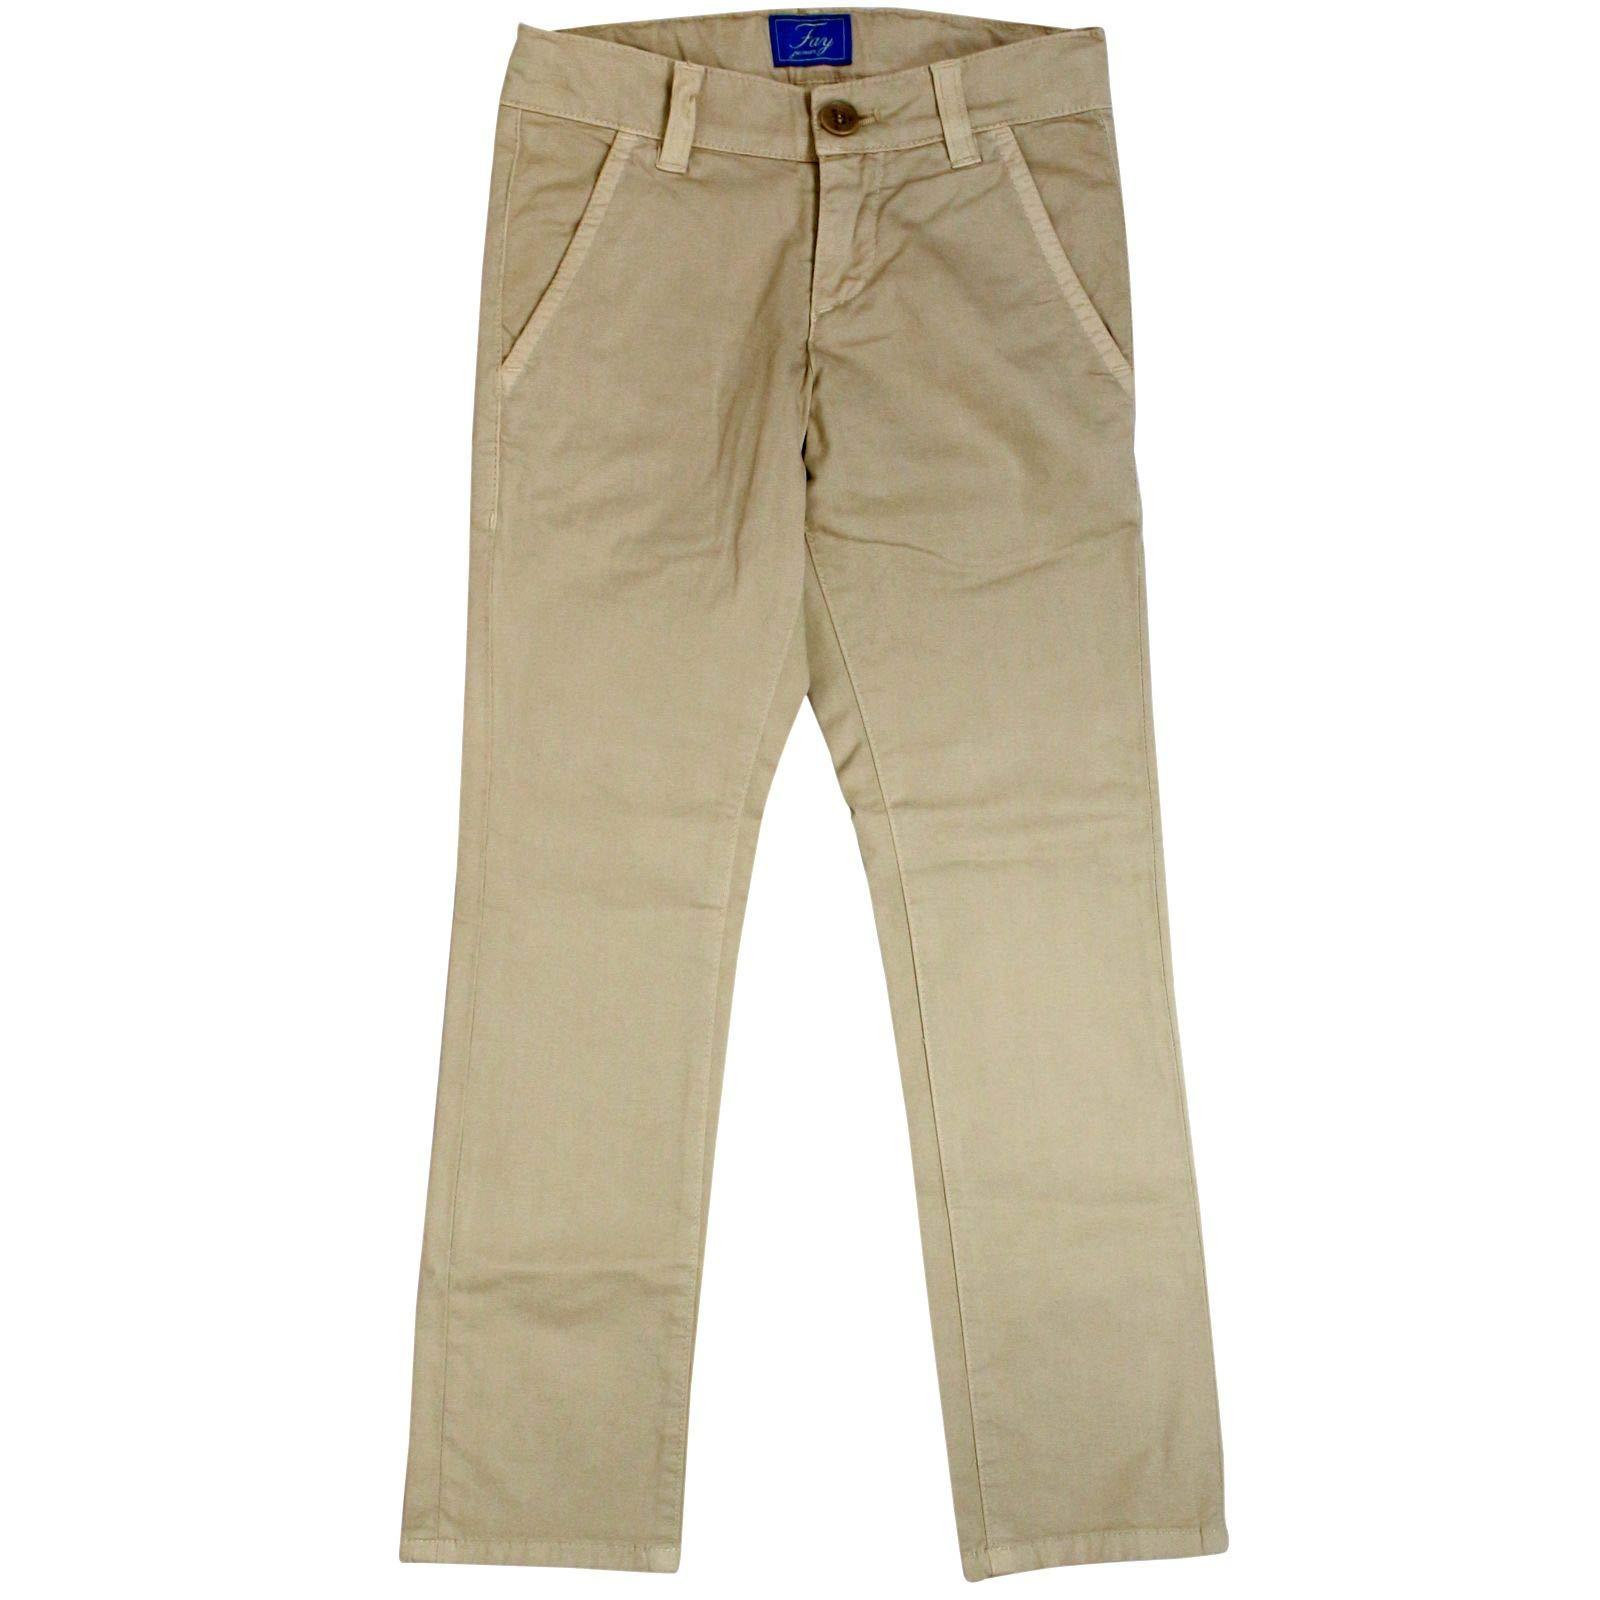 fay Boys Nui8038732tqpsc001 Beige Cotton Pants